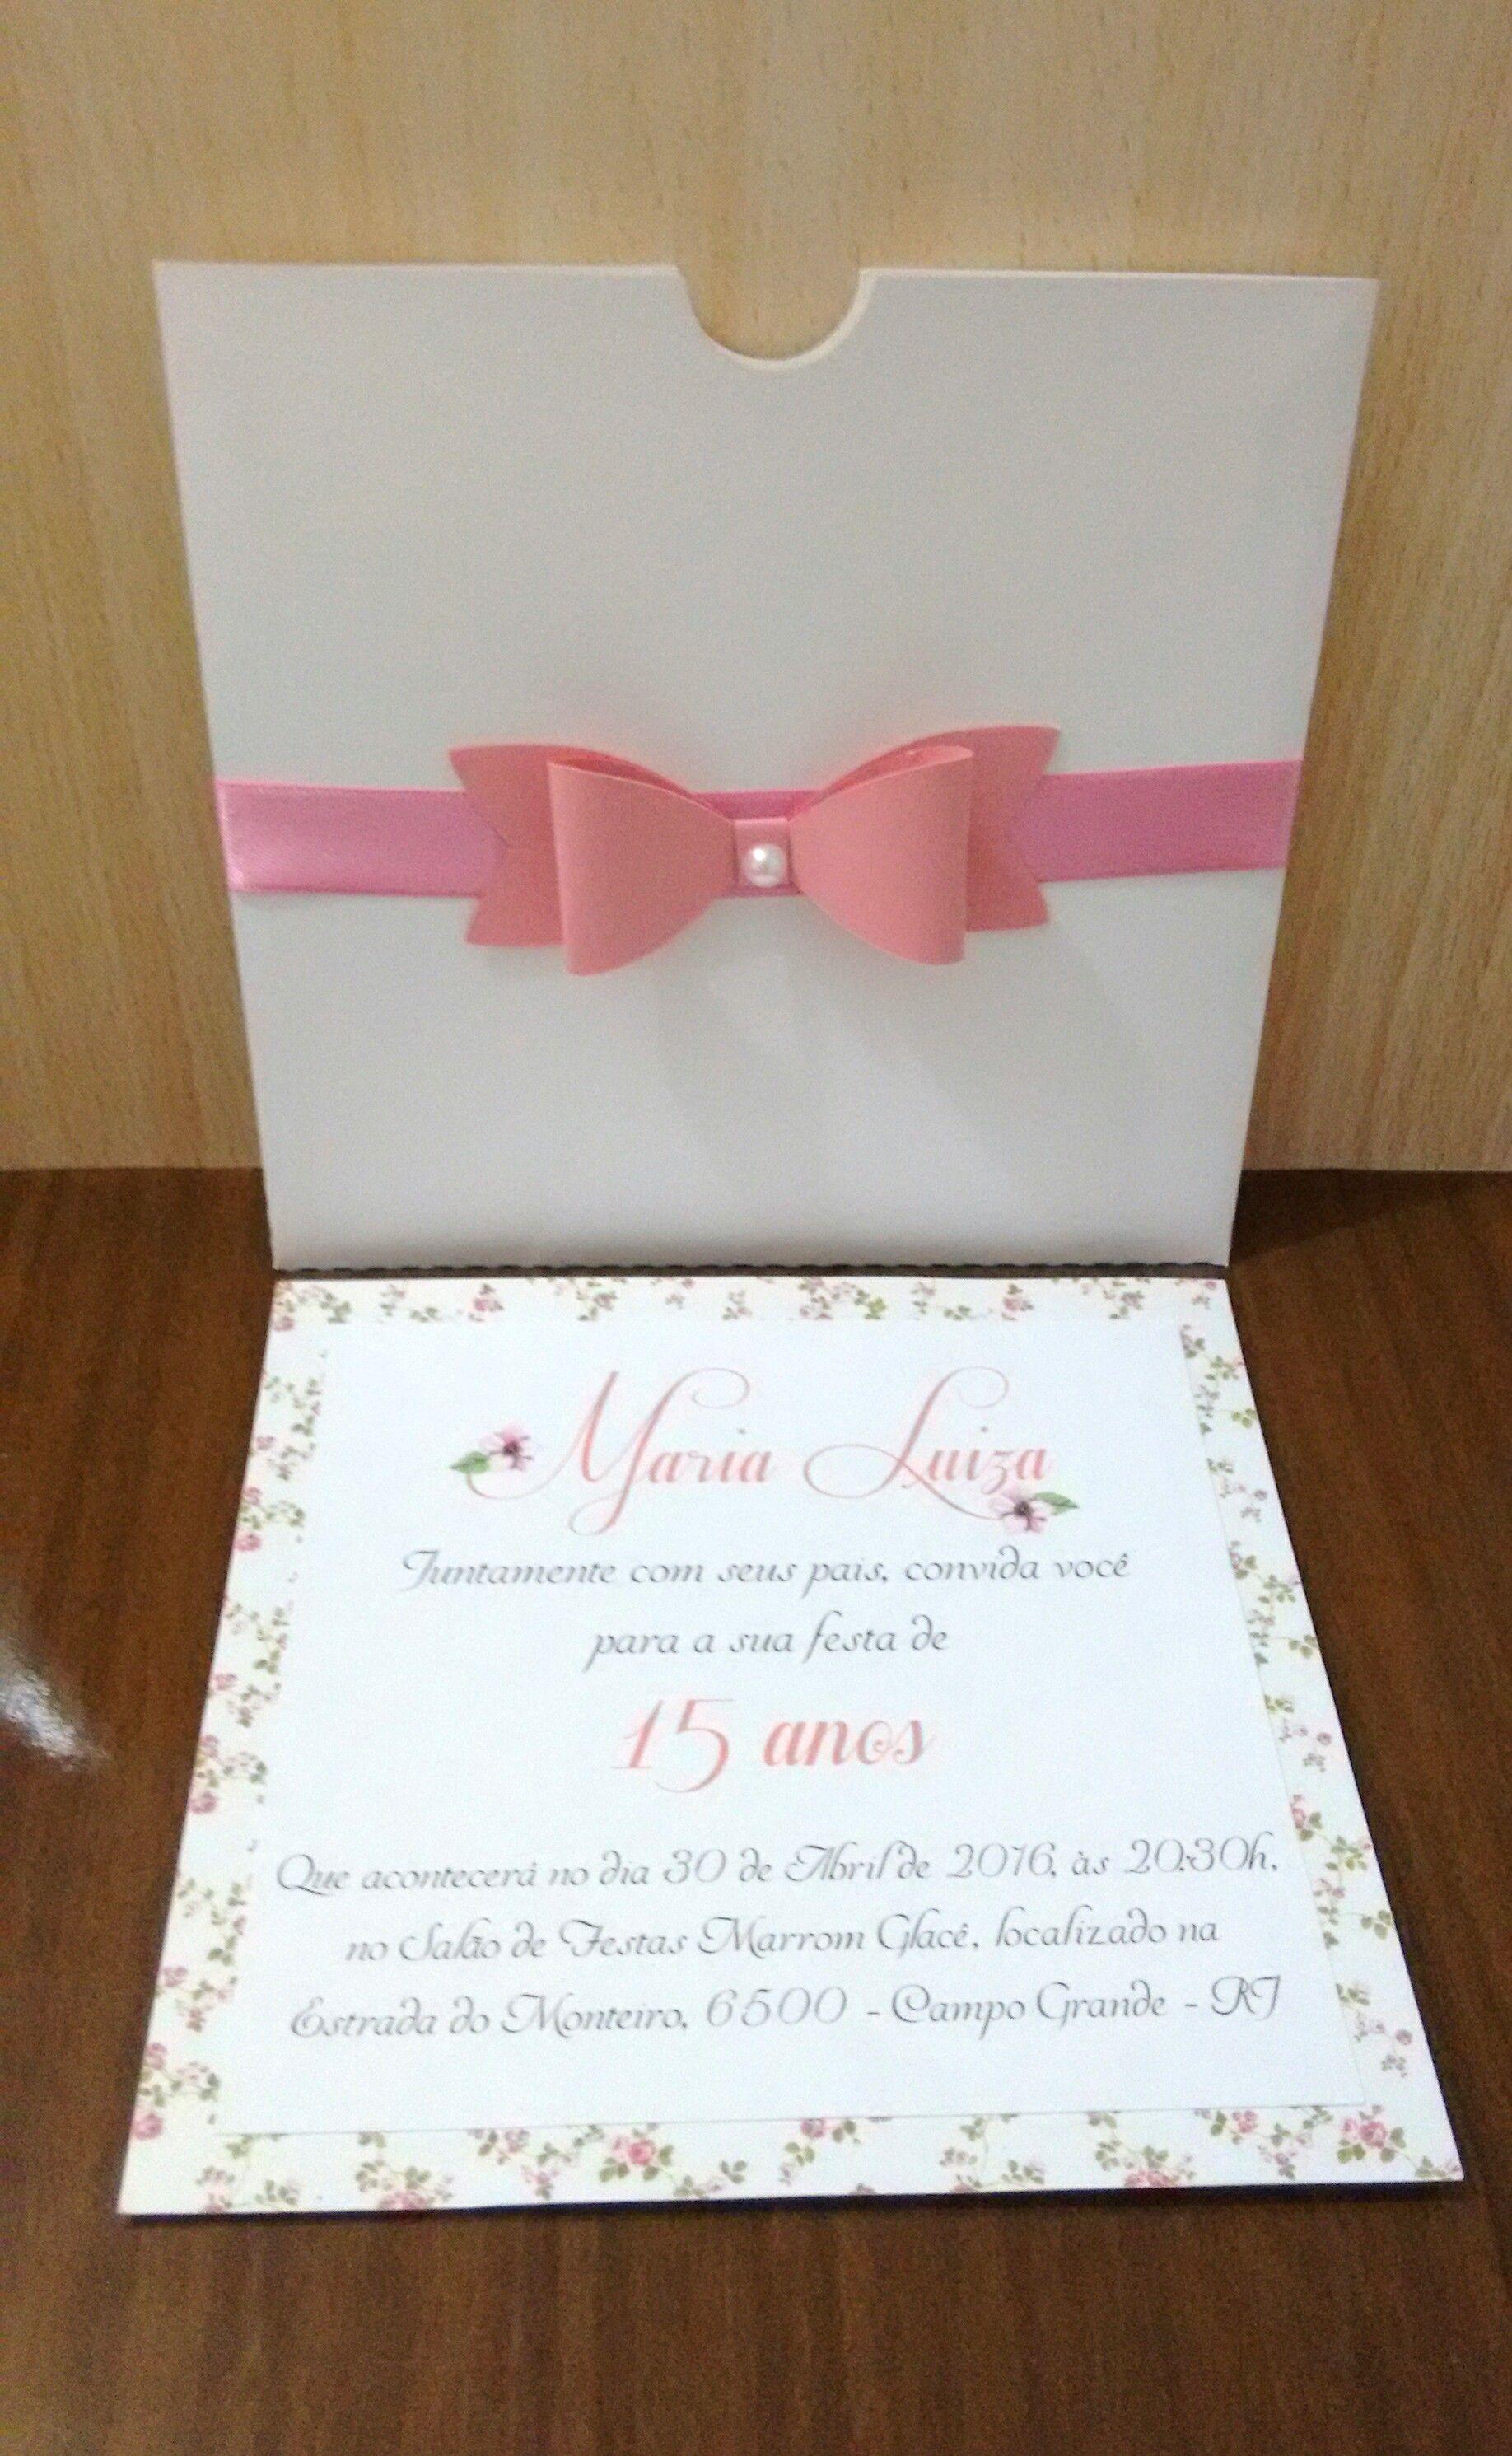 a41359a03 Convite 15 Anos Floral